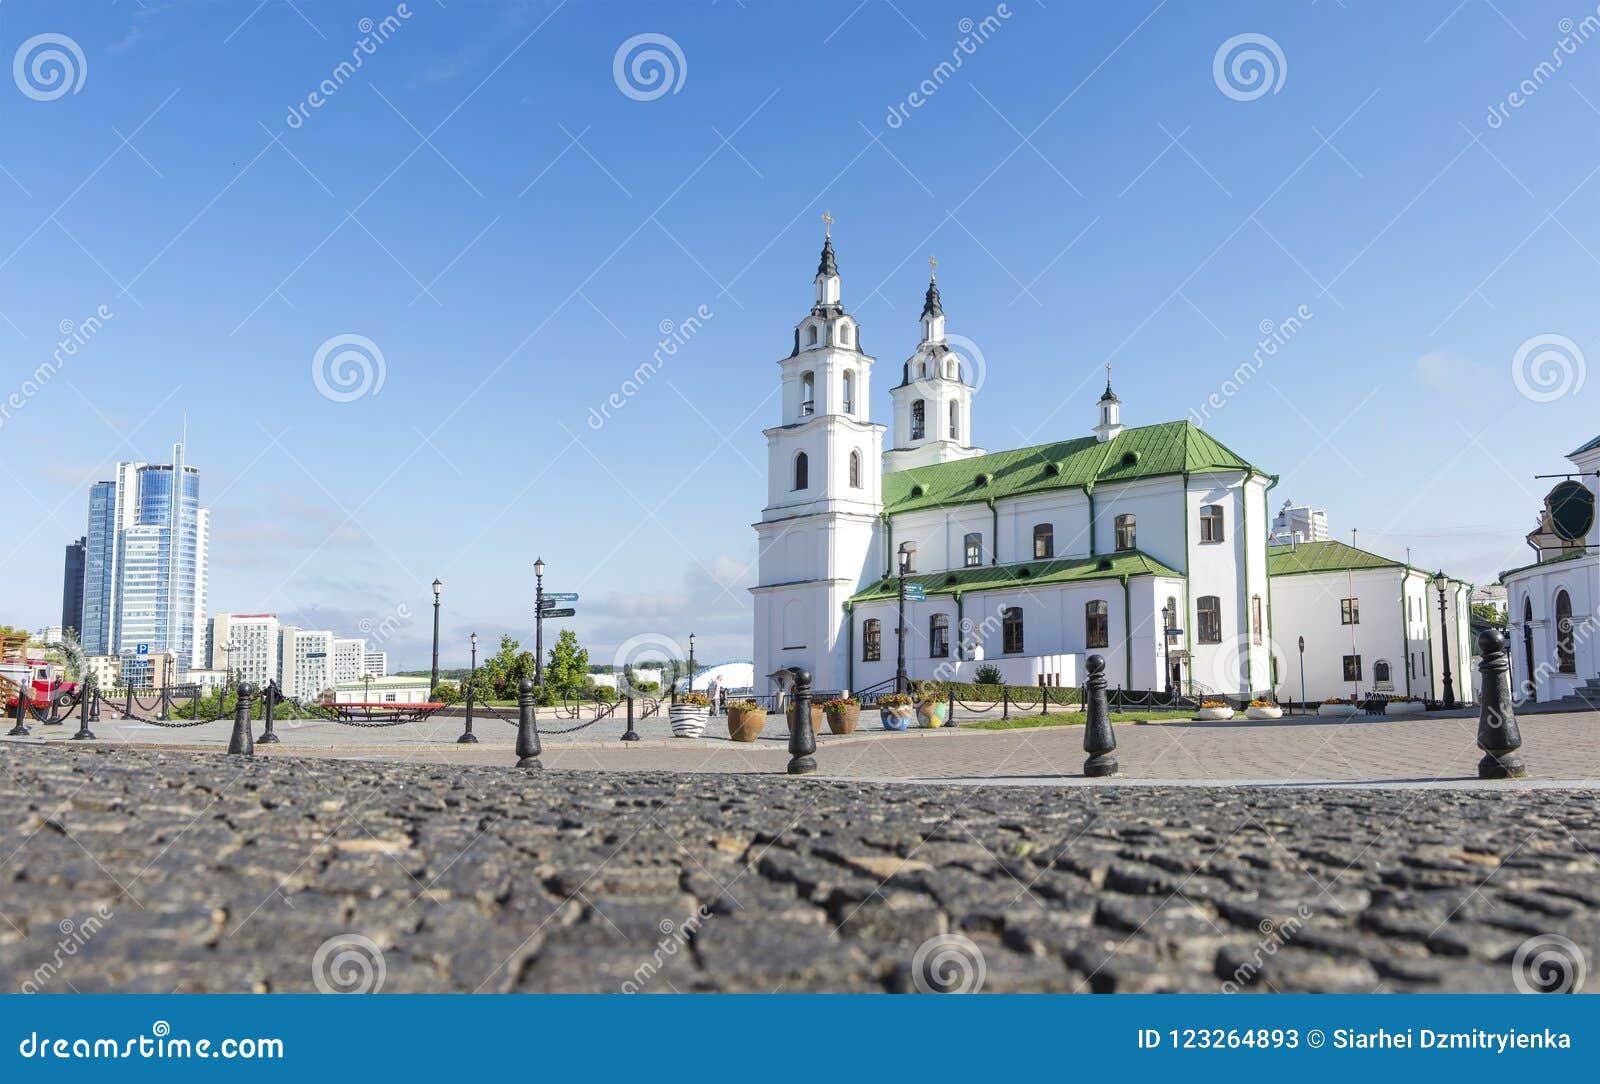 Punto di riferimento famoso di Minsk Cattedrale dello Spirito Santo a Minsk Chiesa ortodossa della Bielorussia e simbolo di capit